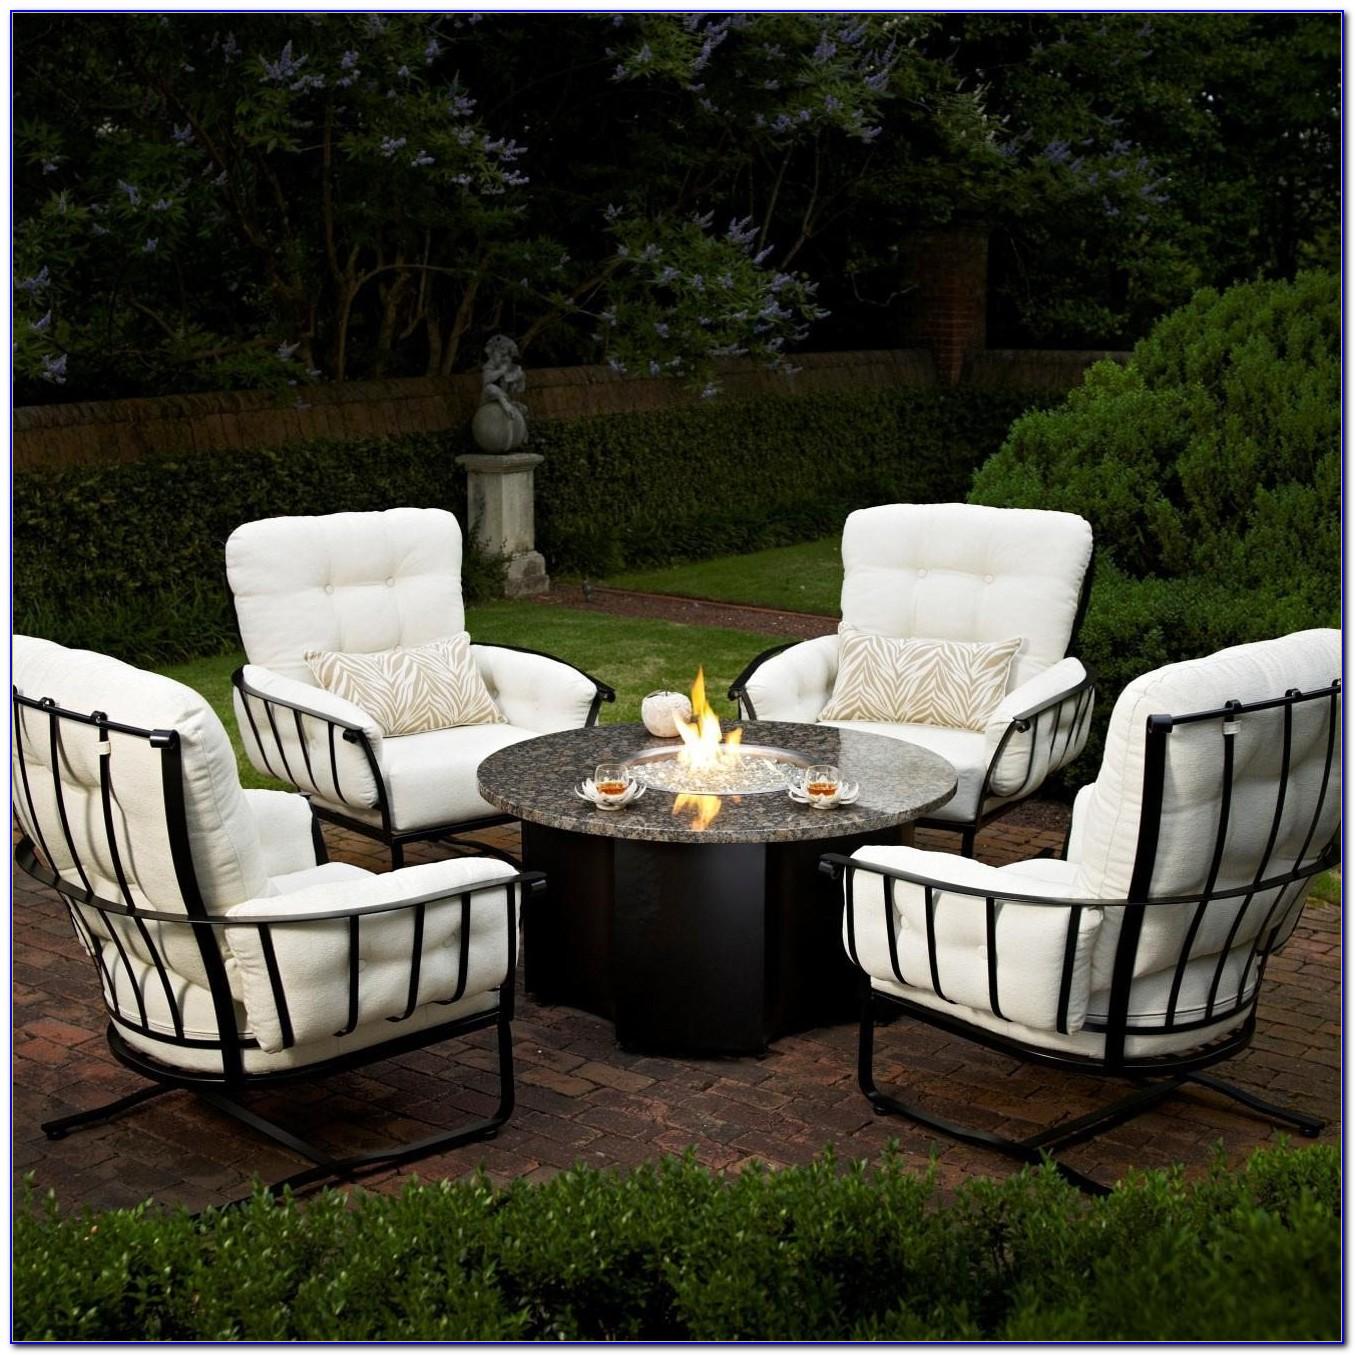 Patio Furniture Glides Amazon